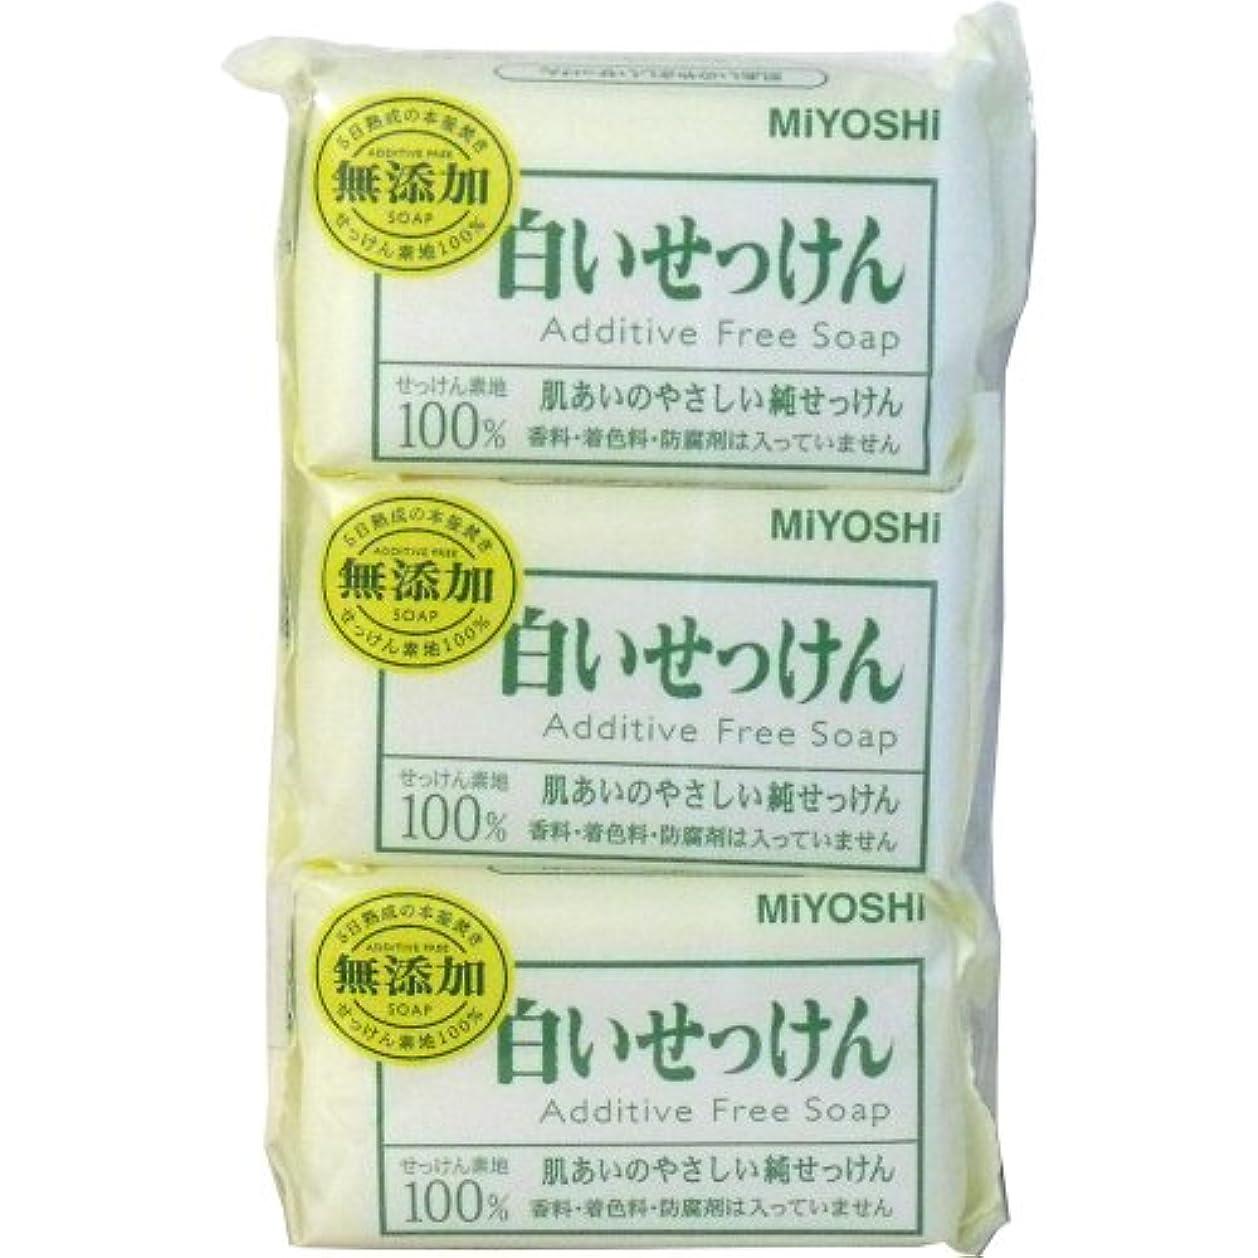 ミリメーター気怠いキッチン【ミヨシ】ミヨシ 無添加 白いせっけん 108g×3個入 ×10個セット